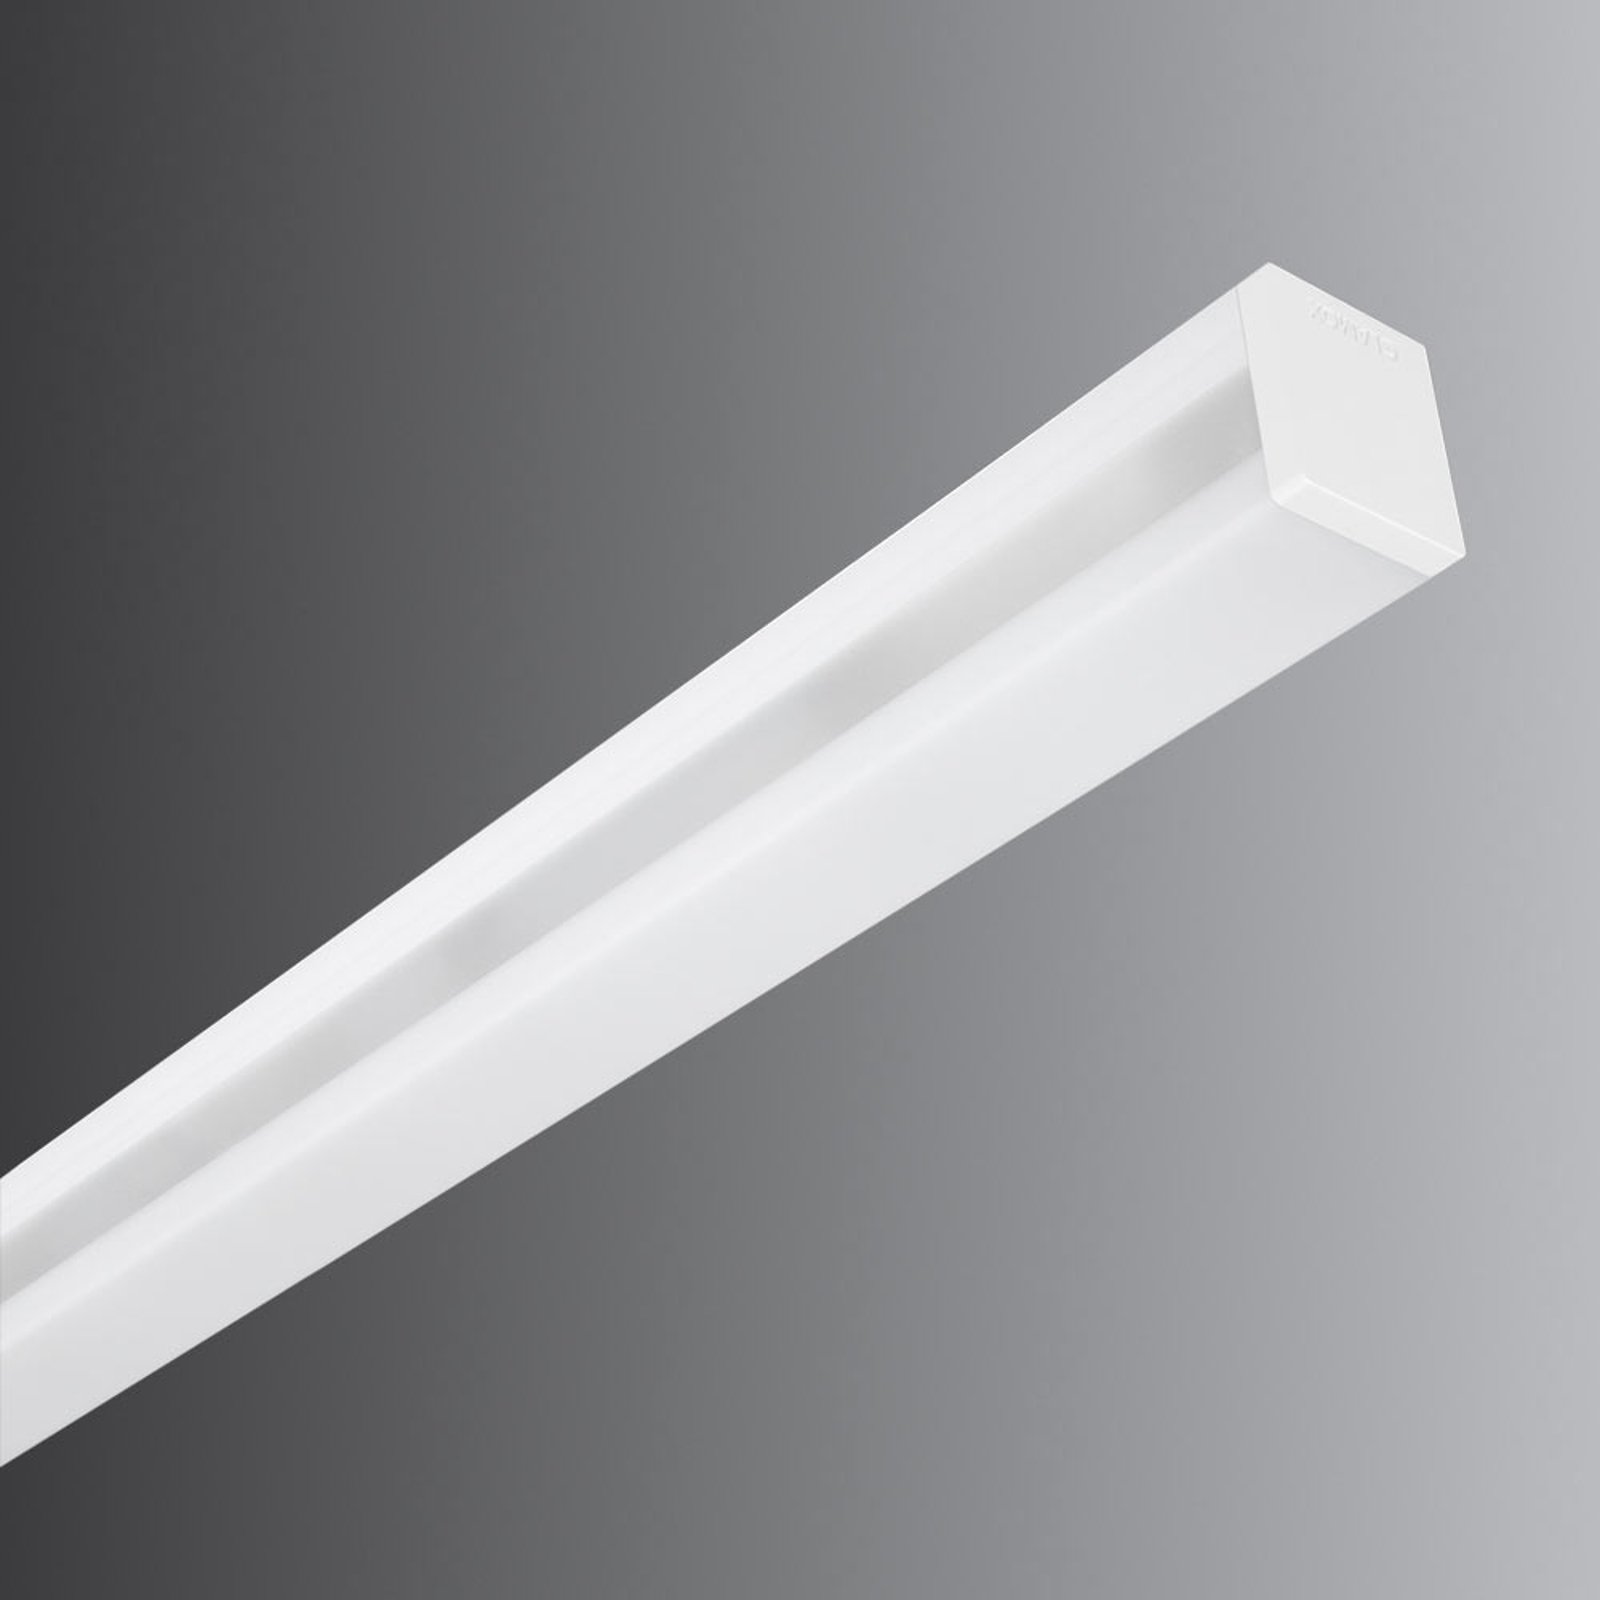 Applique LED 16 W A40-W1200 2100HF 120cm 4000K